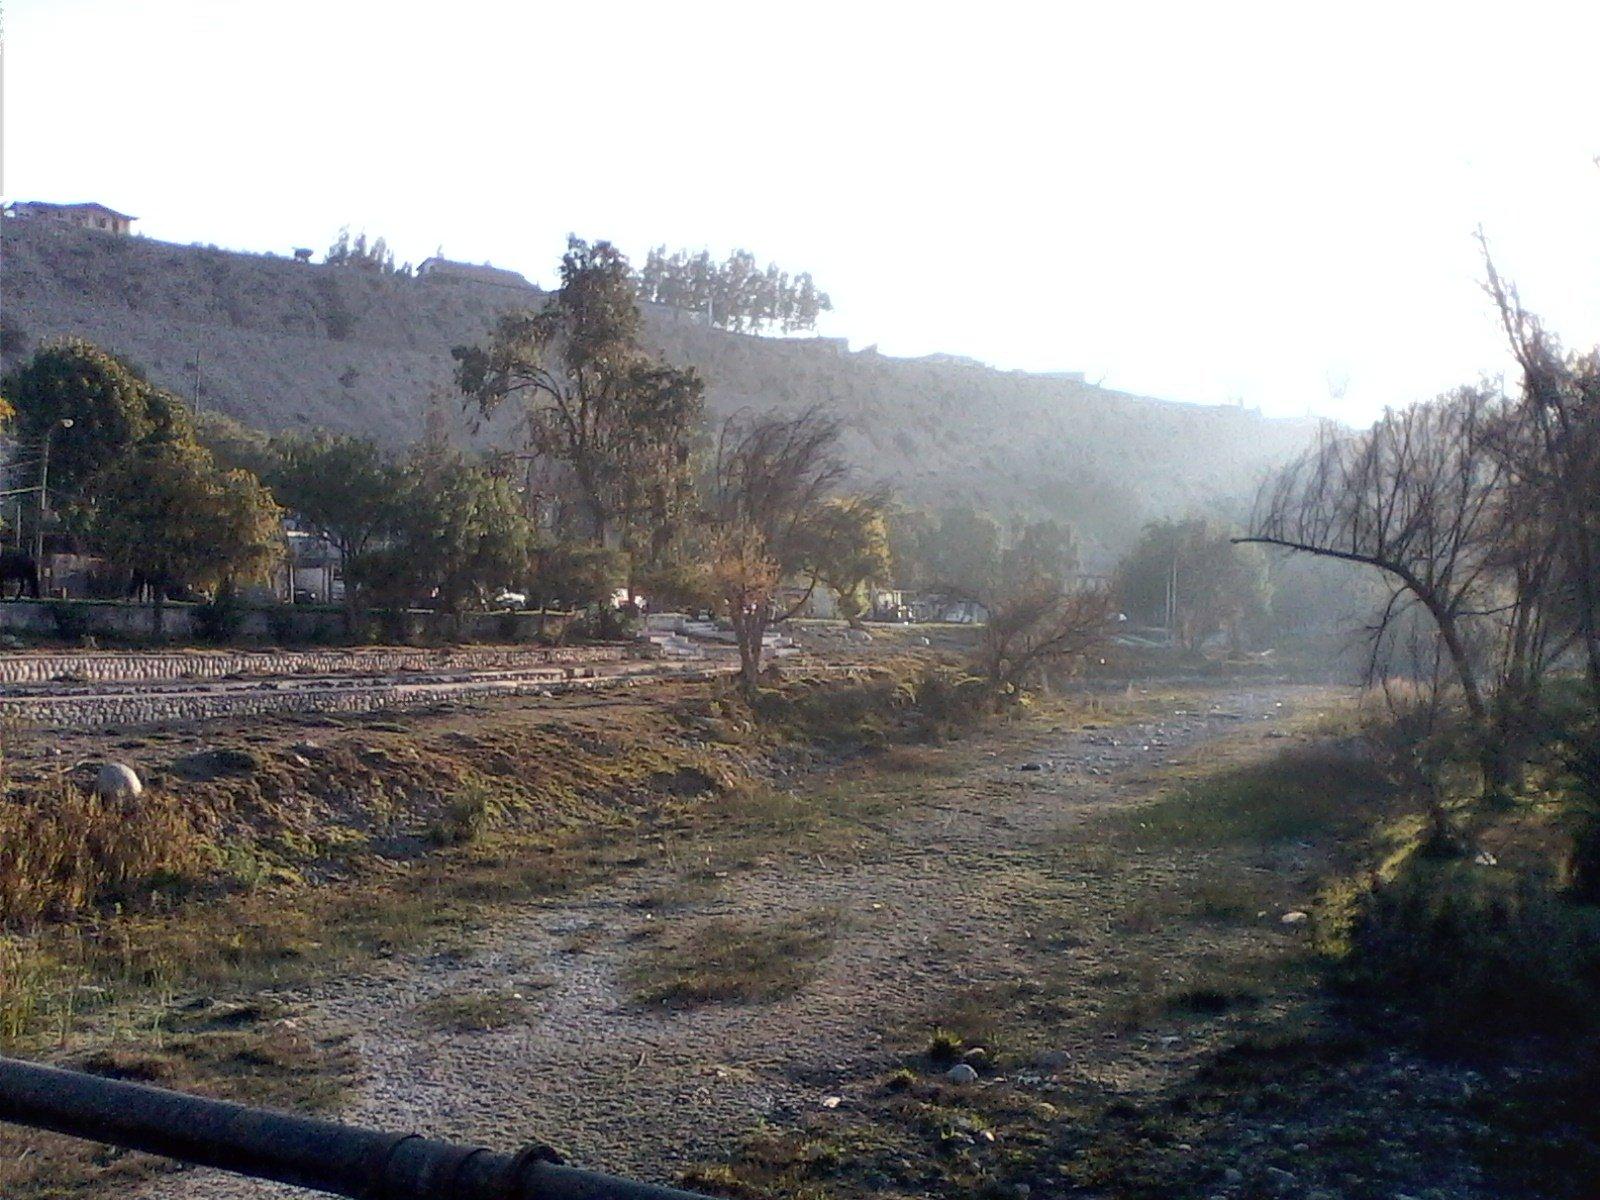 Amplia participación ciudadana en plan de riego para la cuenca del río Huasco